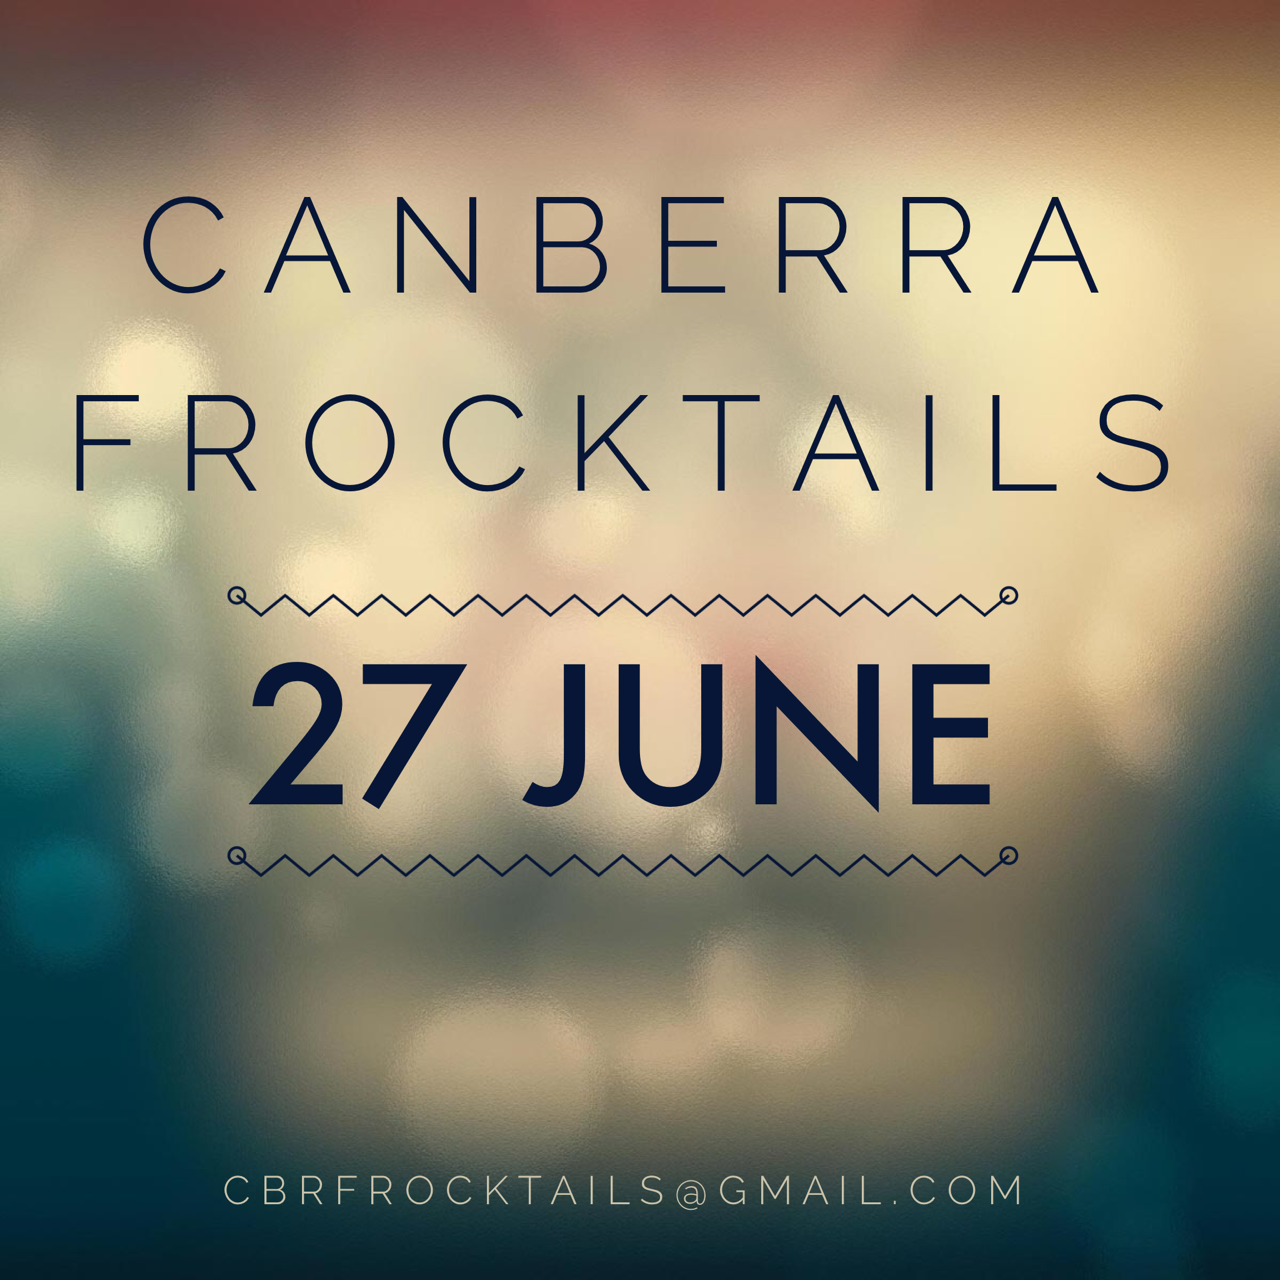 Canberra Frocktails